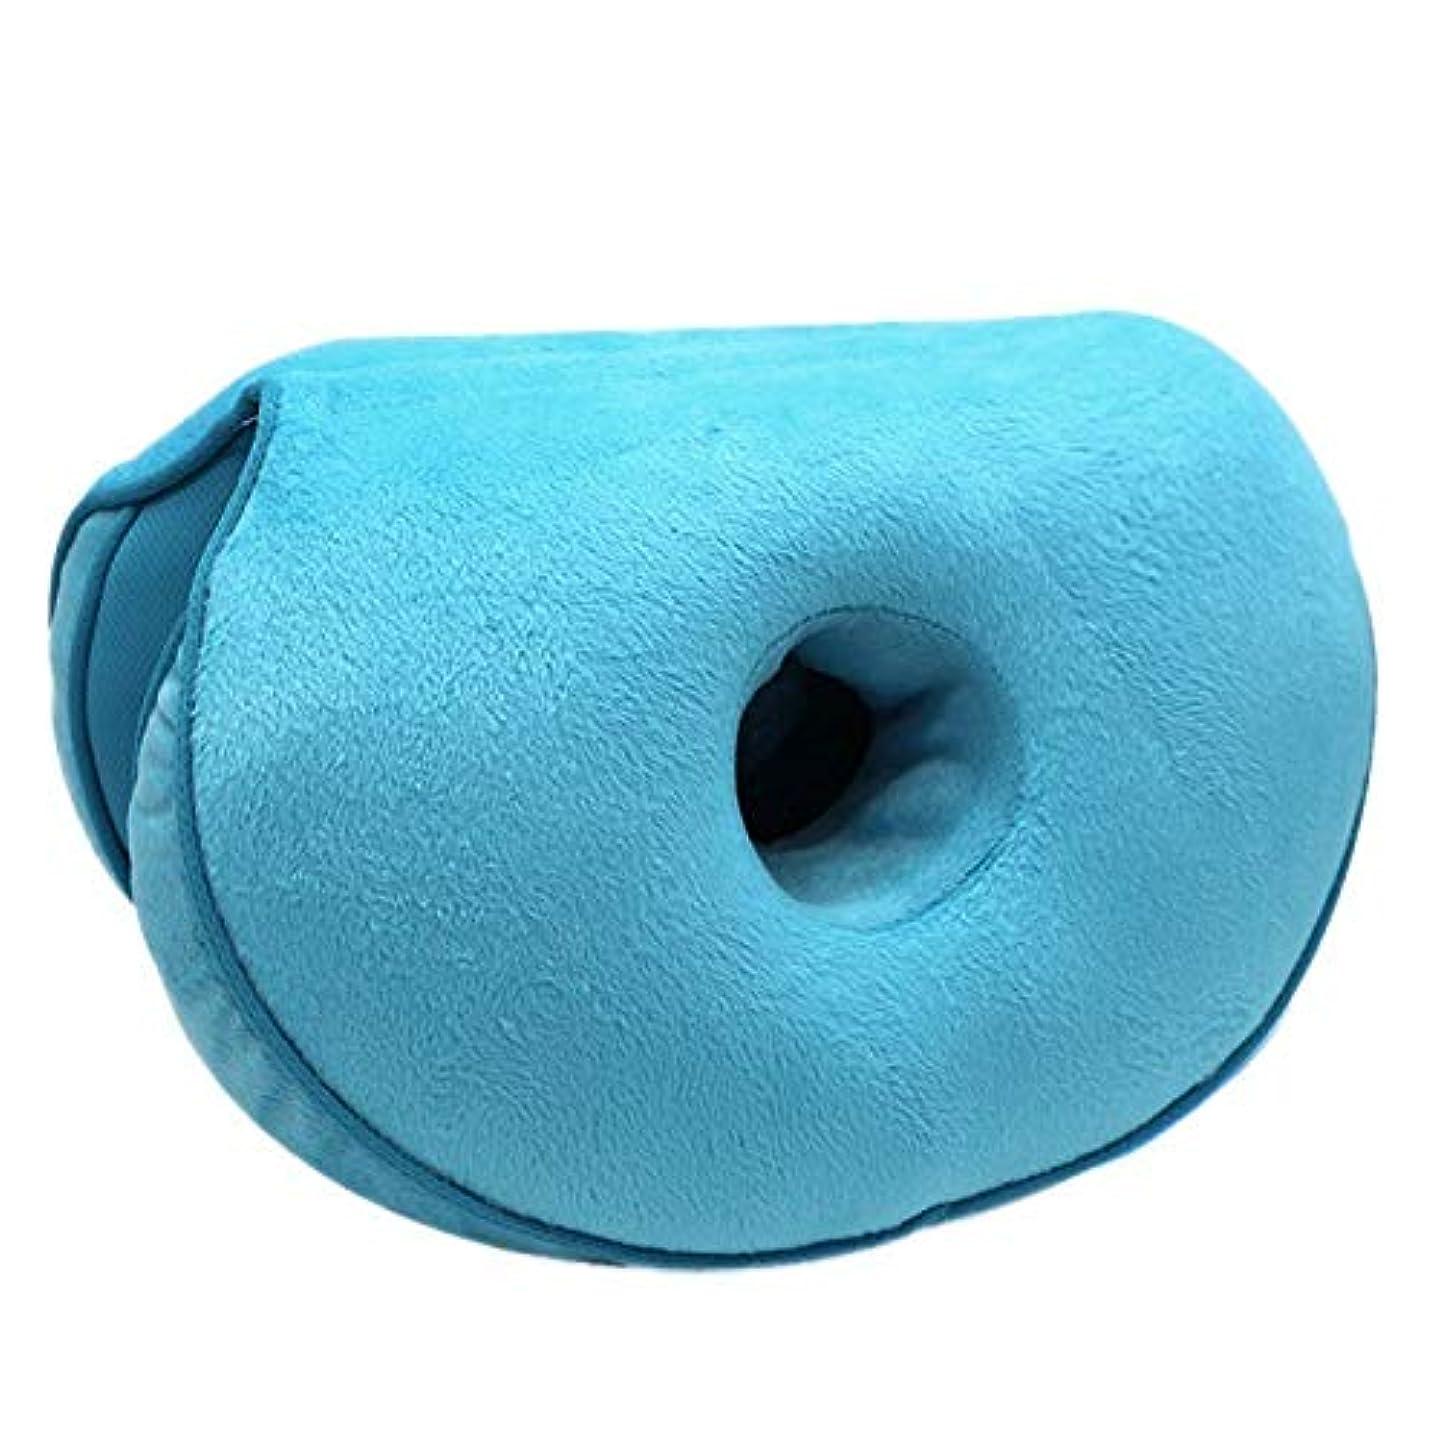 爪若い消費するLIFE ダブル快適クッションぬいぐるみリフトヒップアップシートクッション折りたたみ枕保存することができる圧力リリーフでは、車、ホーム、オフィス クッション 椅子